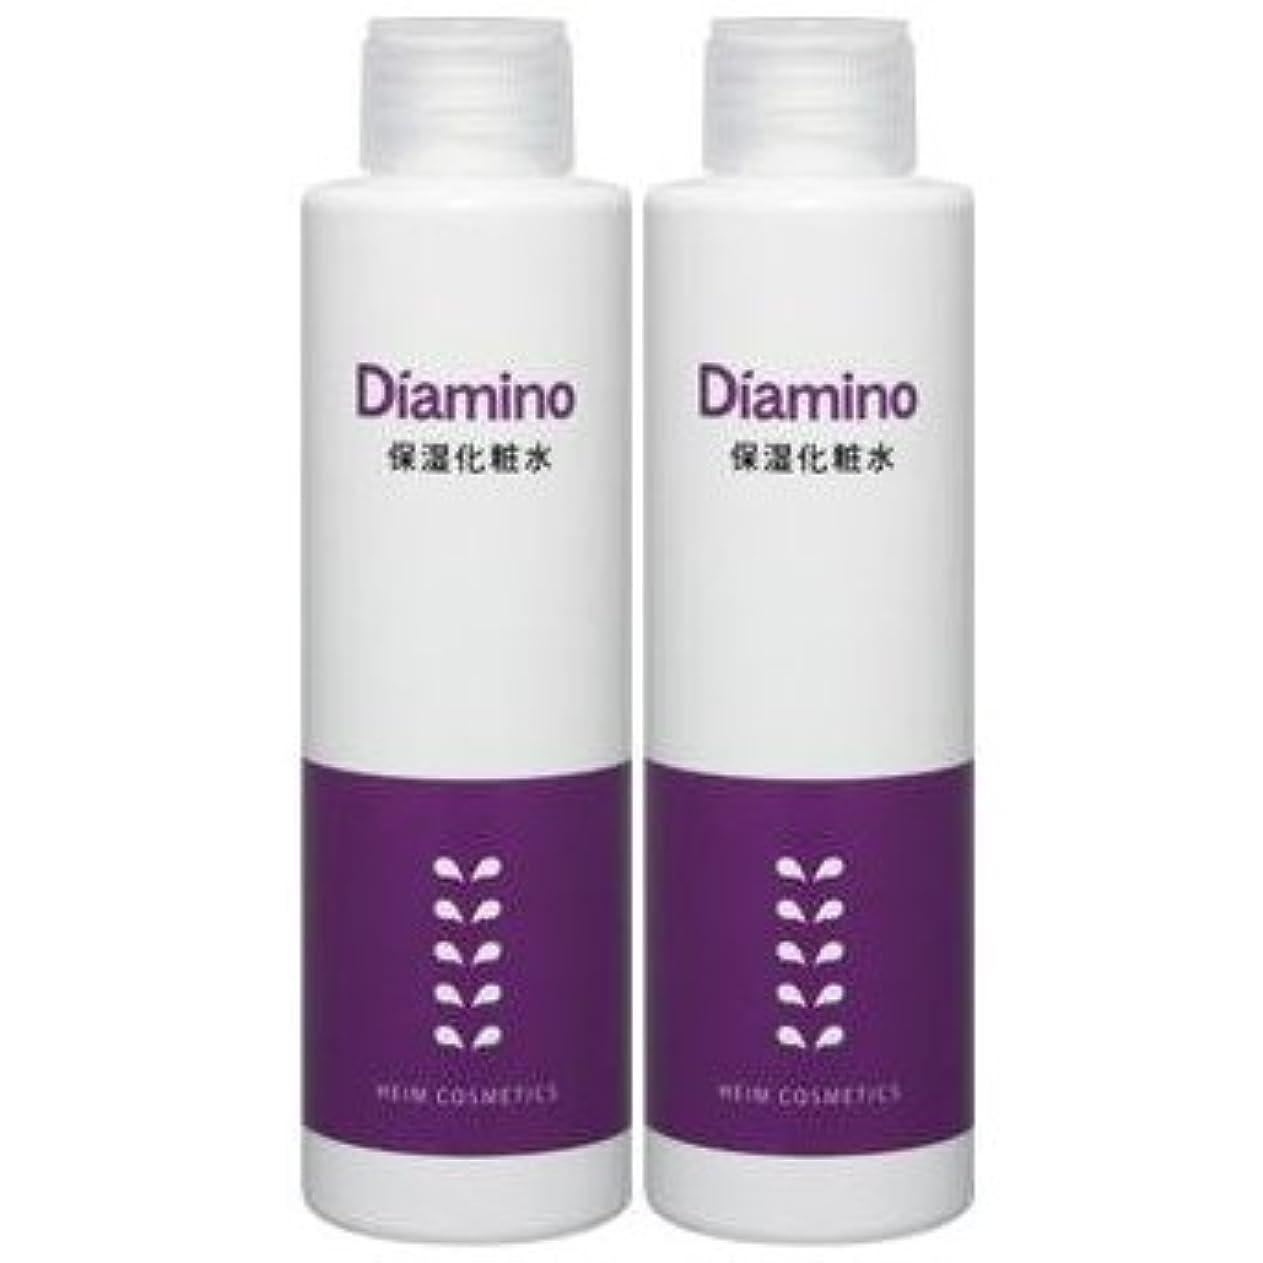 ワイン積極的に黒ハイム化粧品/ディアミノ 保湿 化粧水×2個